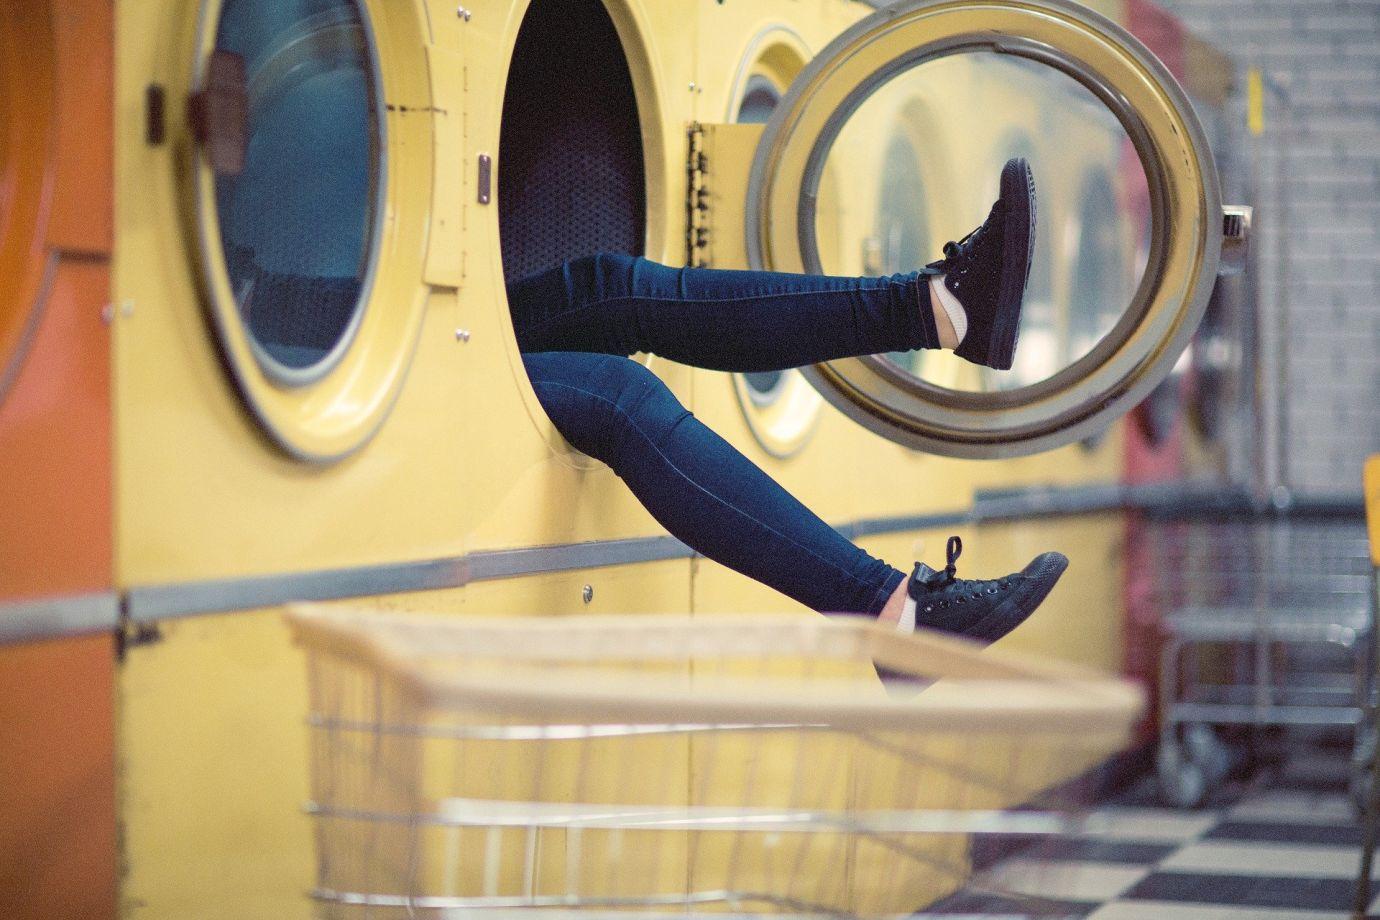 Person in der Waschmaschine lässt Beine herausbaumeln